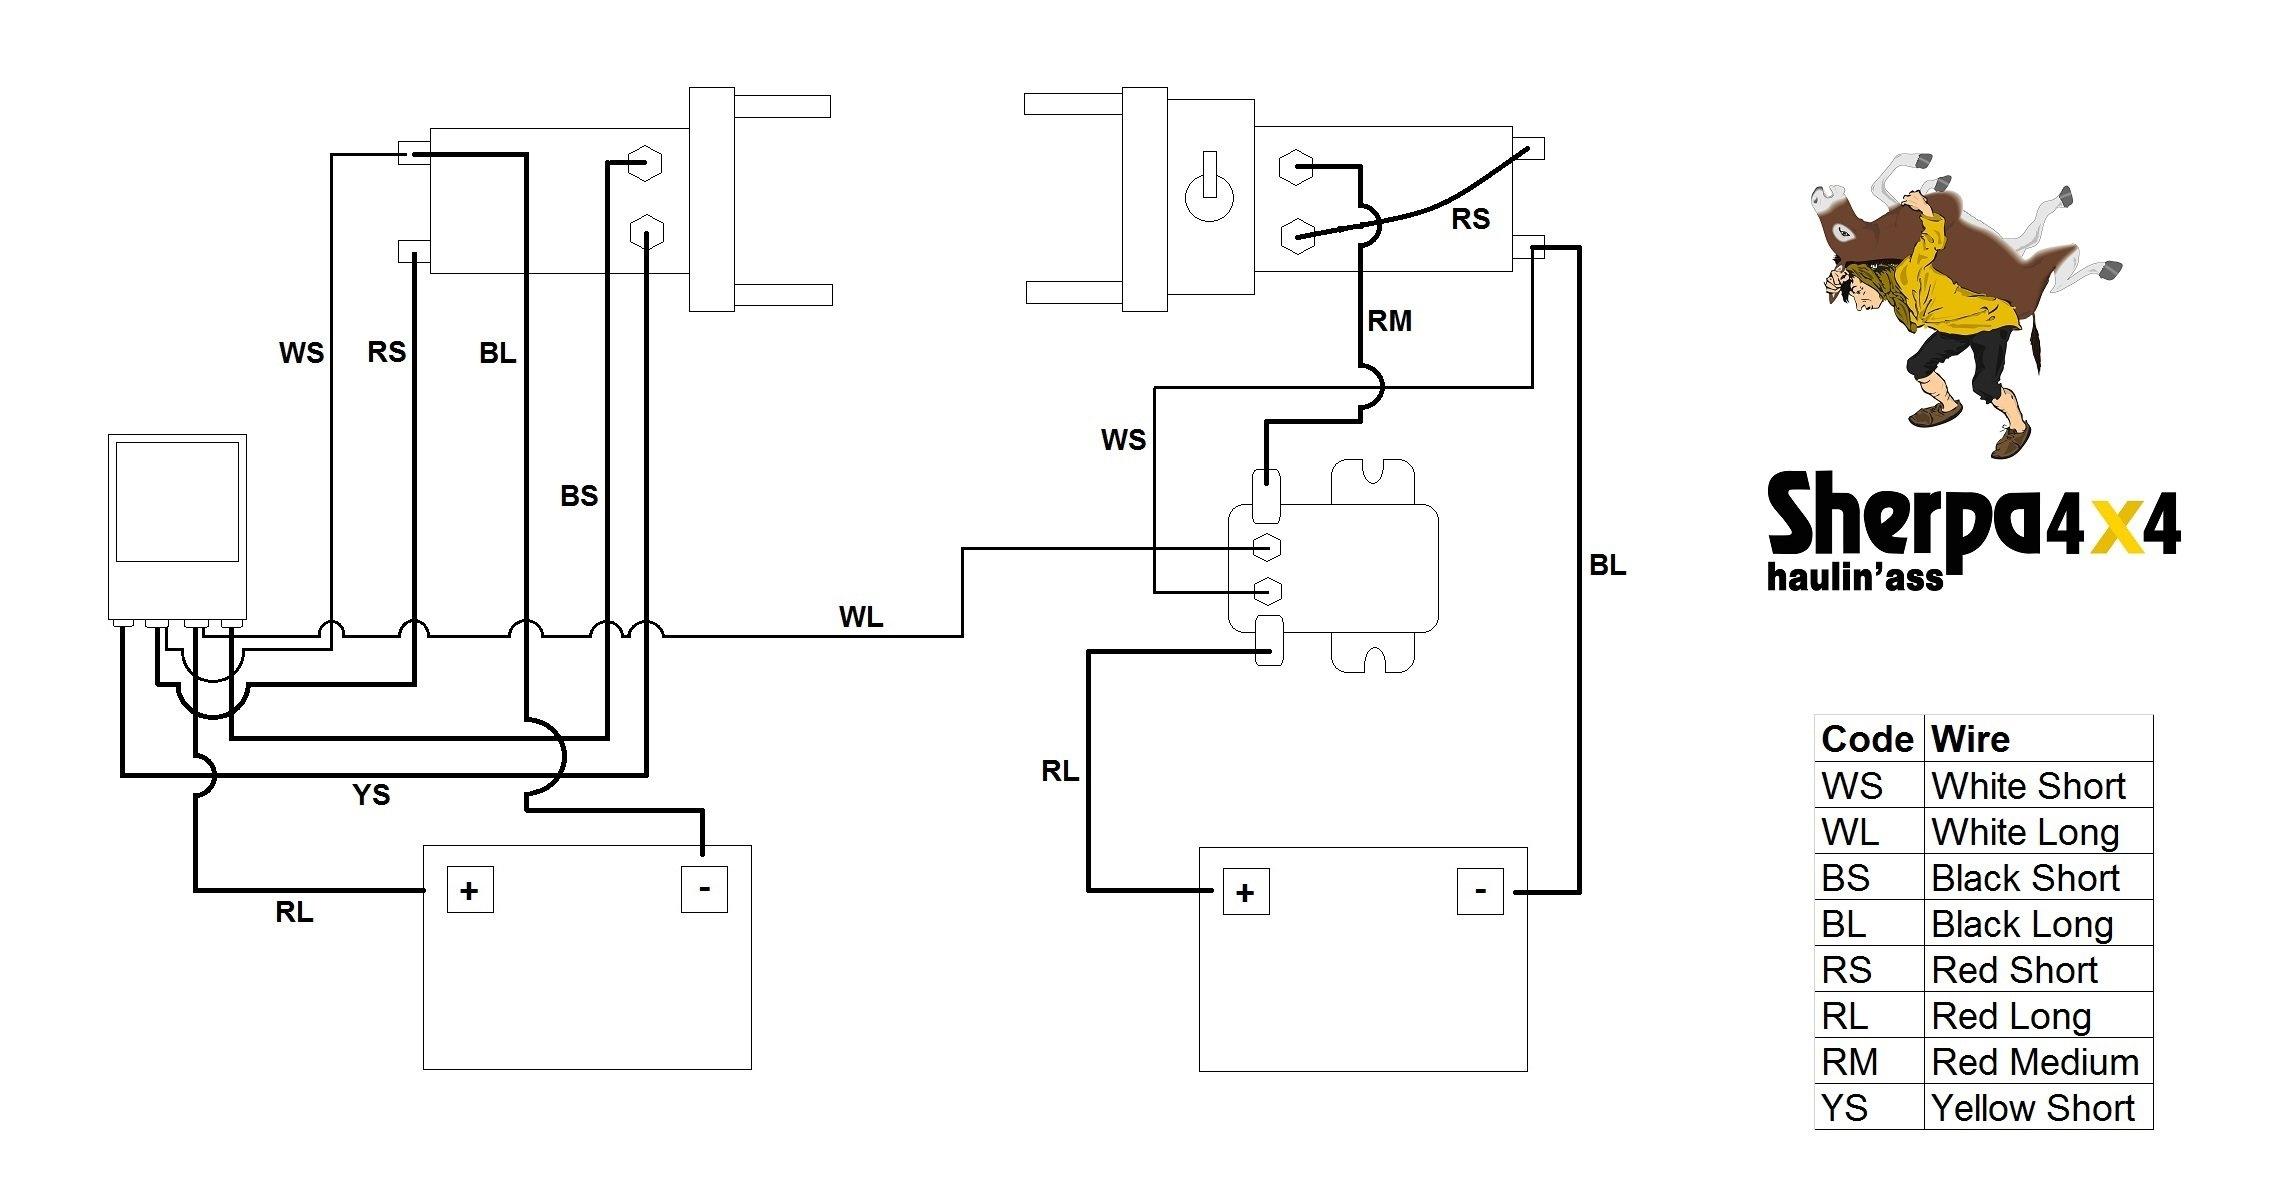 superwinch 3000 wiring diagram Collection-Superwinch Wireless Remote Wiring Diagram Unique Warn 12k Winch Wiring Diagram Wiring Diagram 4-l